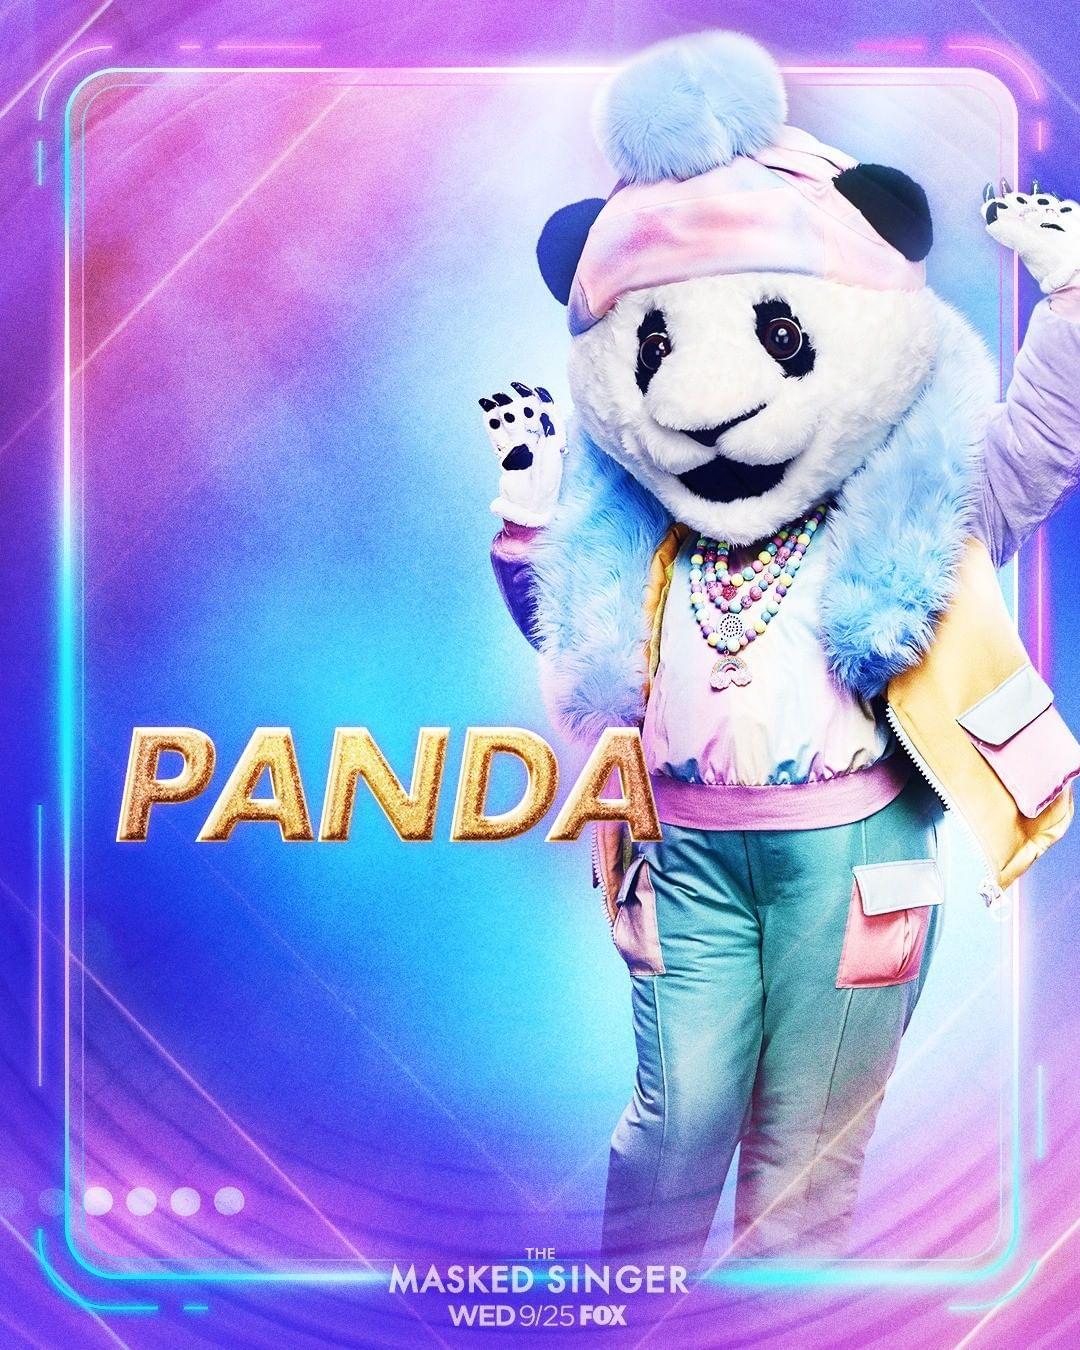 panda-masked-singer-1570038312688.jpg